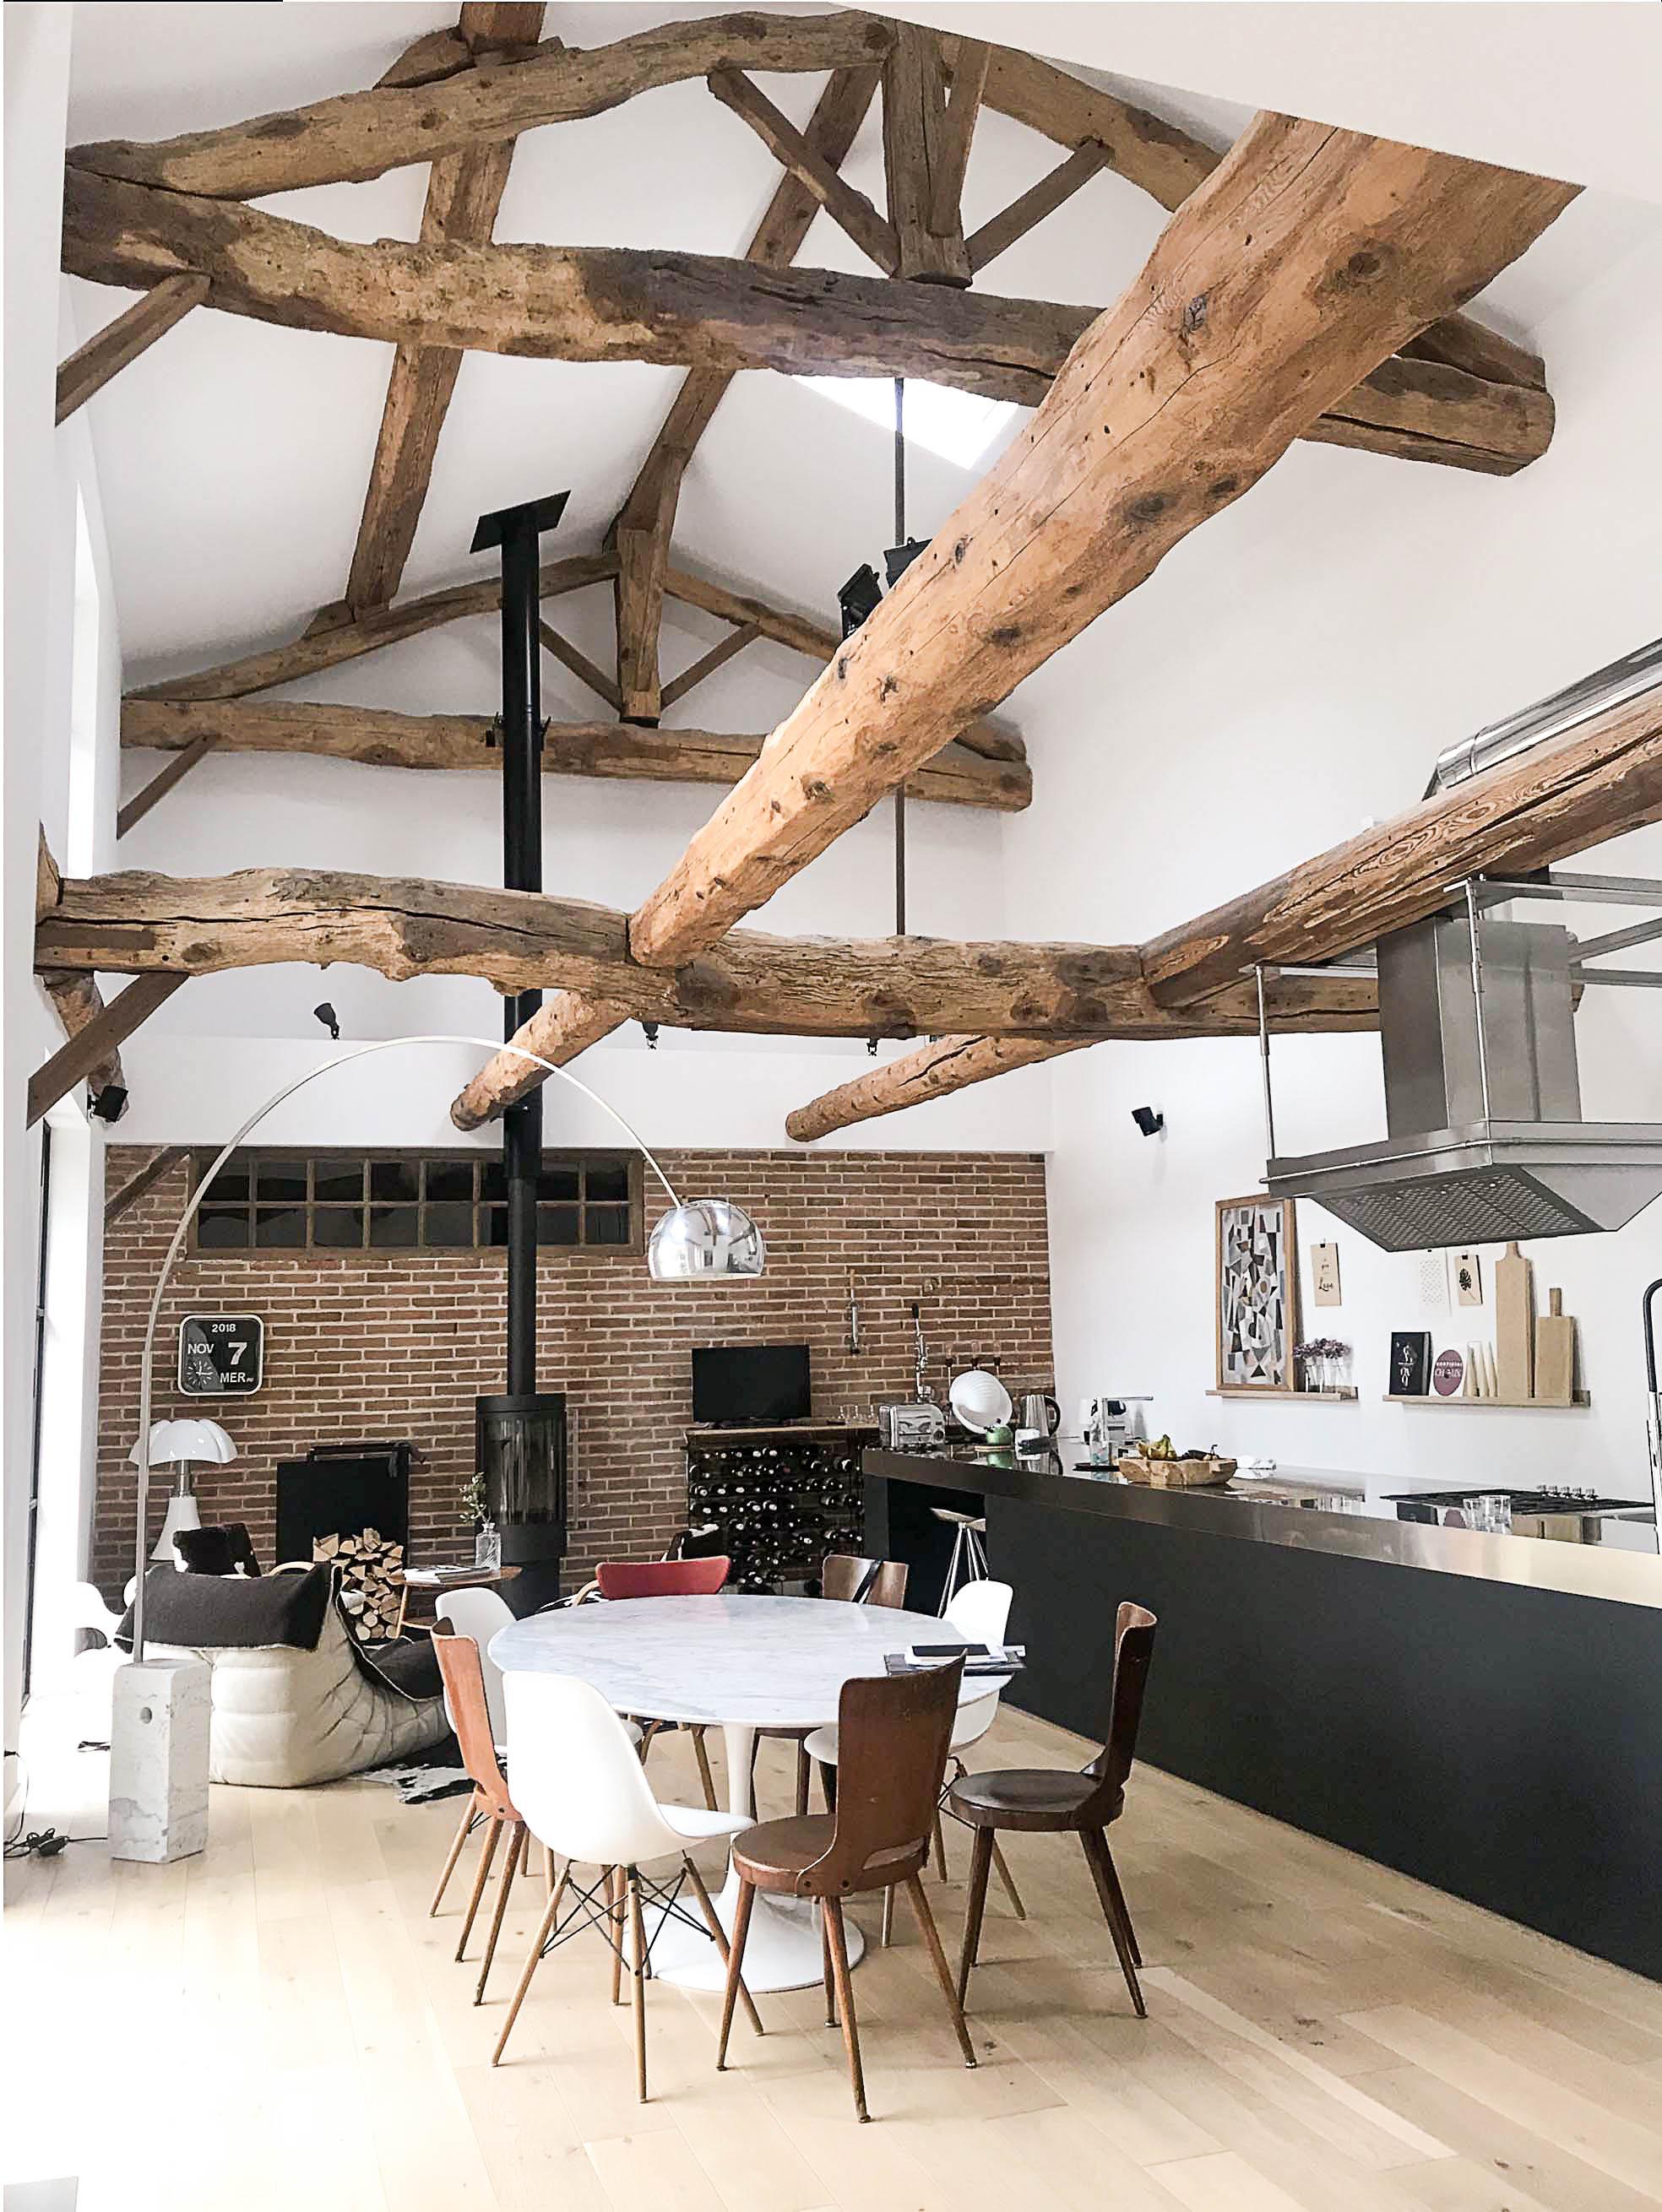 rénovation_lyon_aménagement_intérieur_architecte_grange_maison_décoration_intérieure